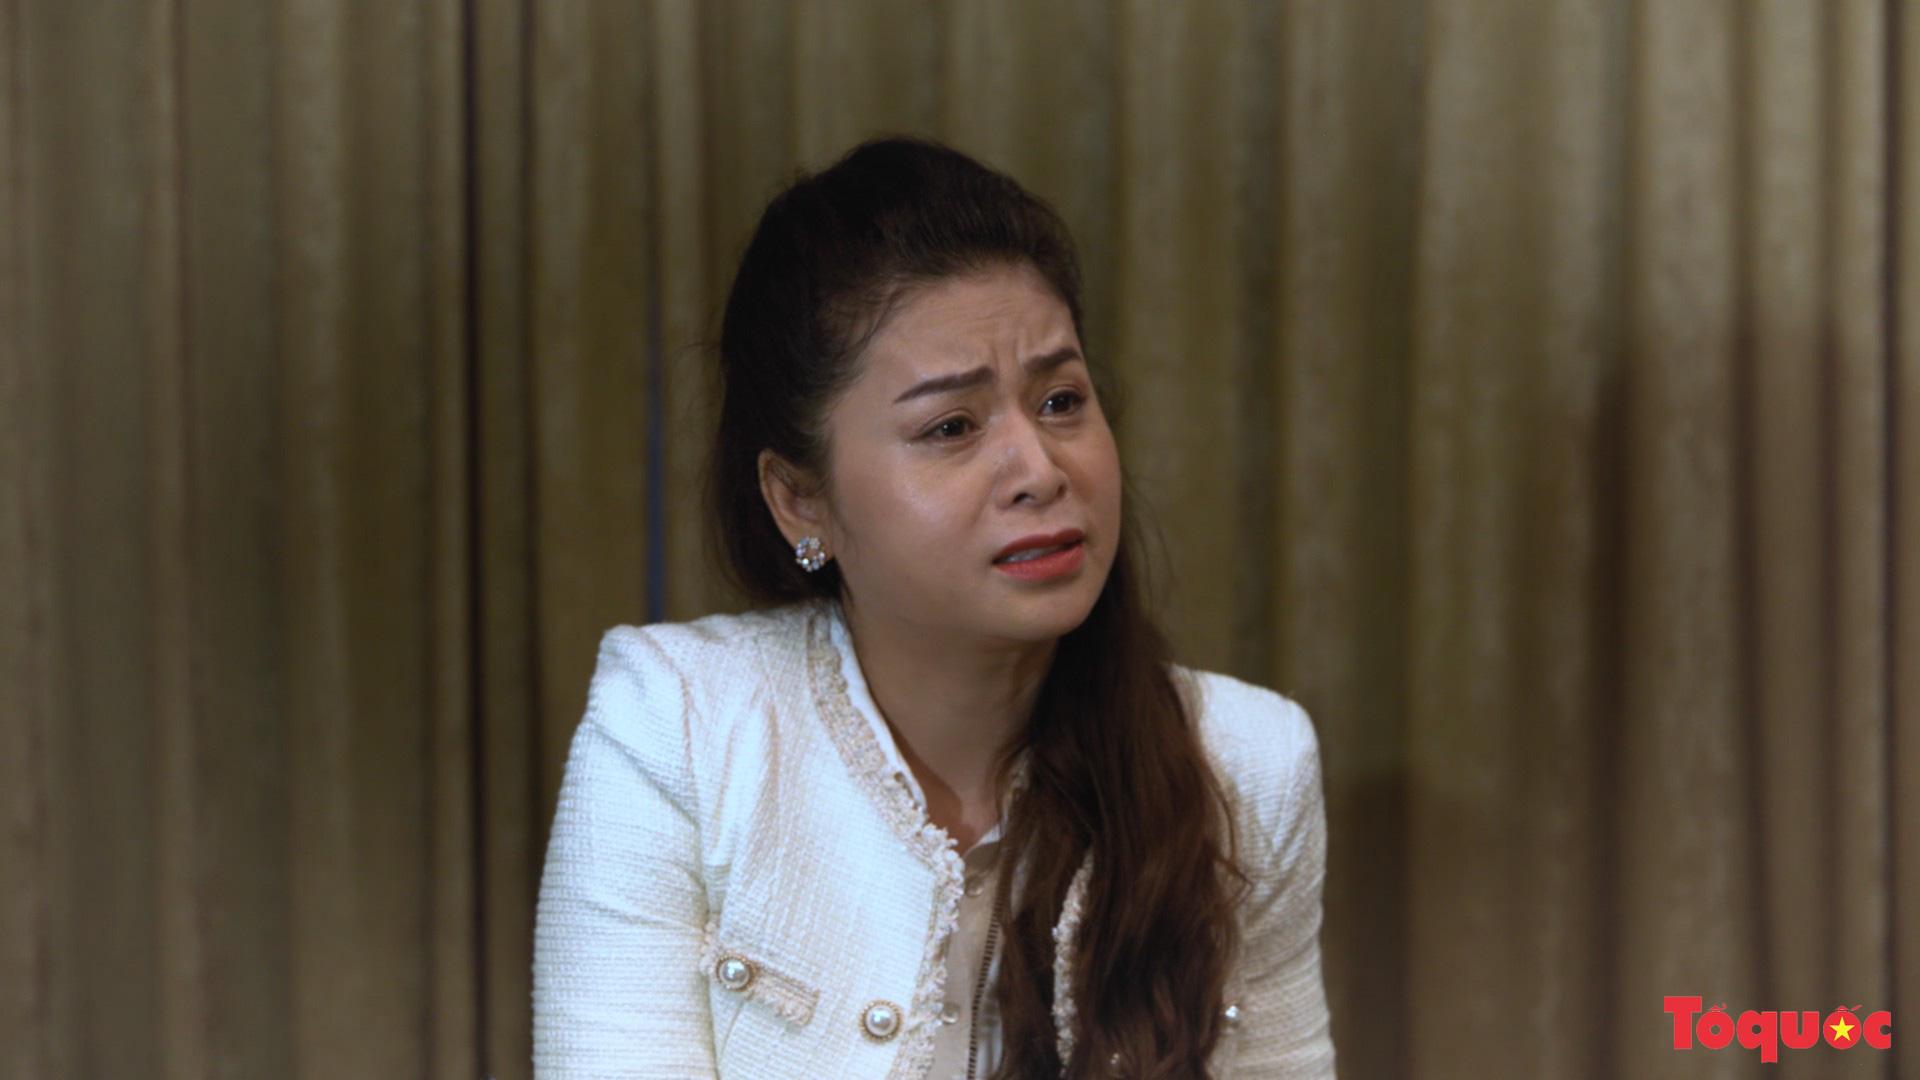 Bà Lê Hoàng Diệp Thảo: Tôi không muốn ly hôn - Ảnh 3.